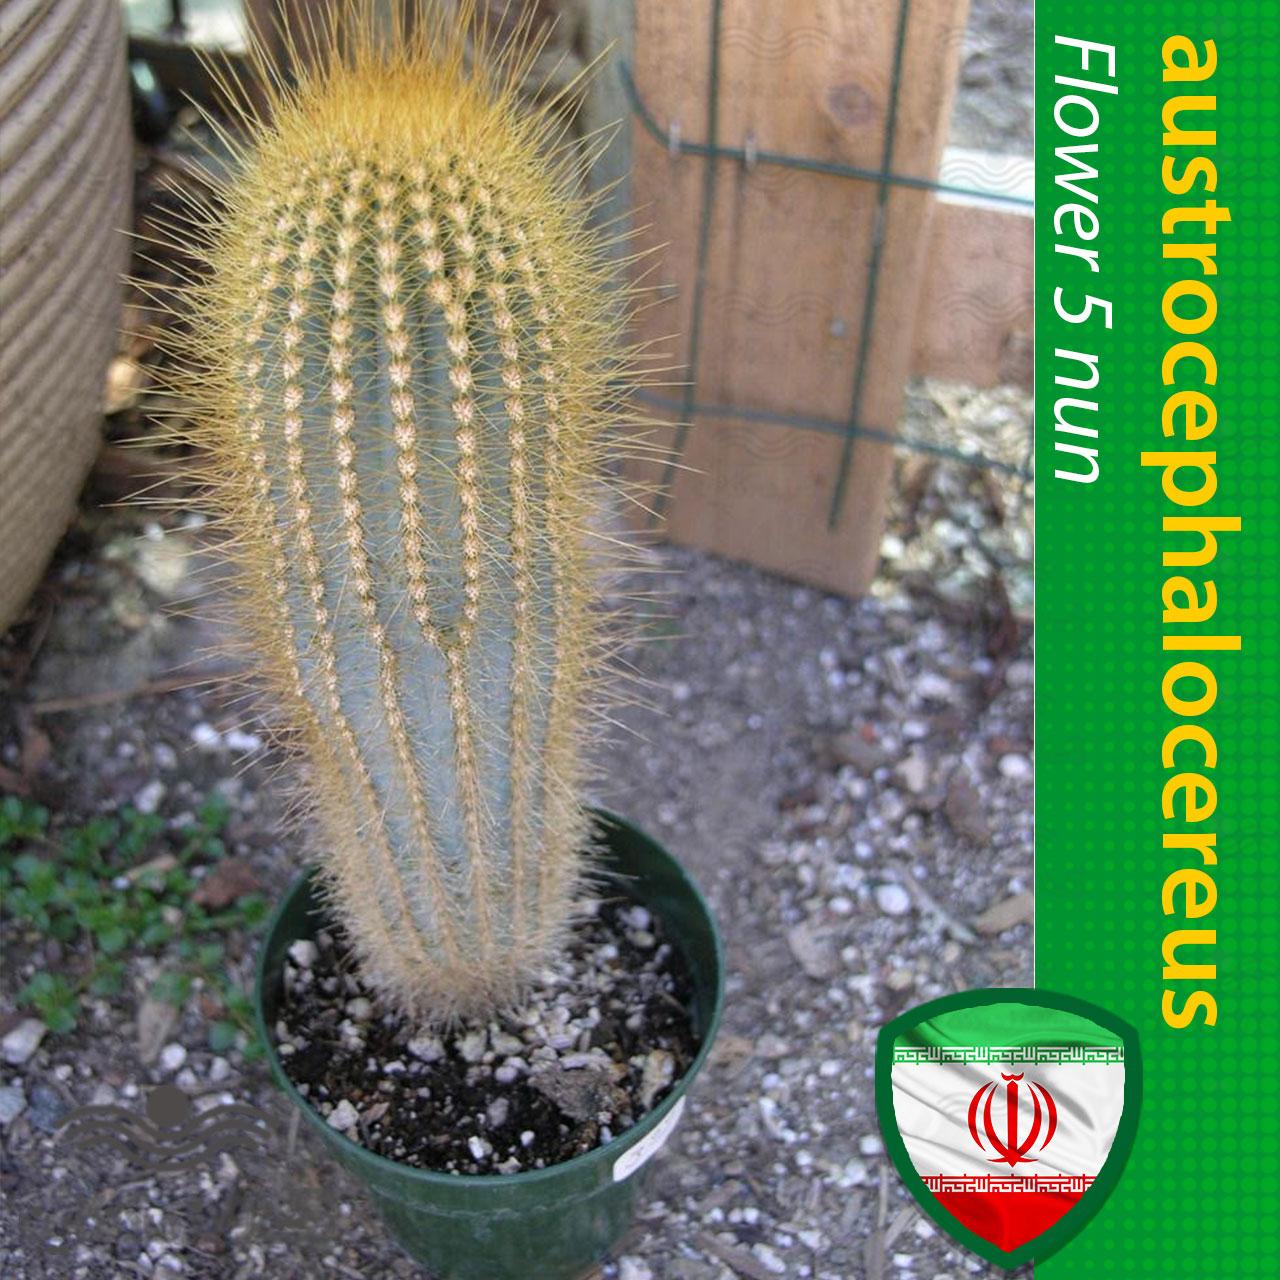 بذر کاکتوس آسترو سفالو سریوس و آموزش کاشت بذر کاکتوس